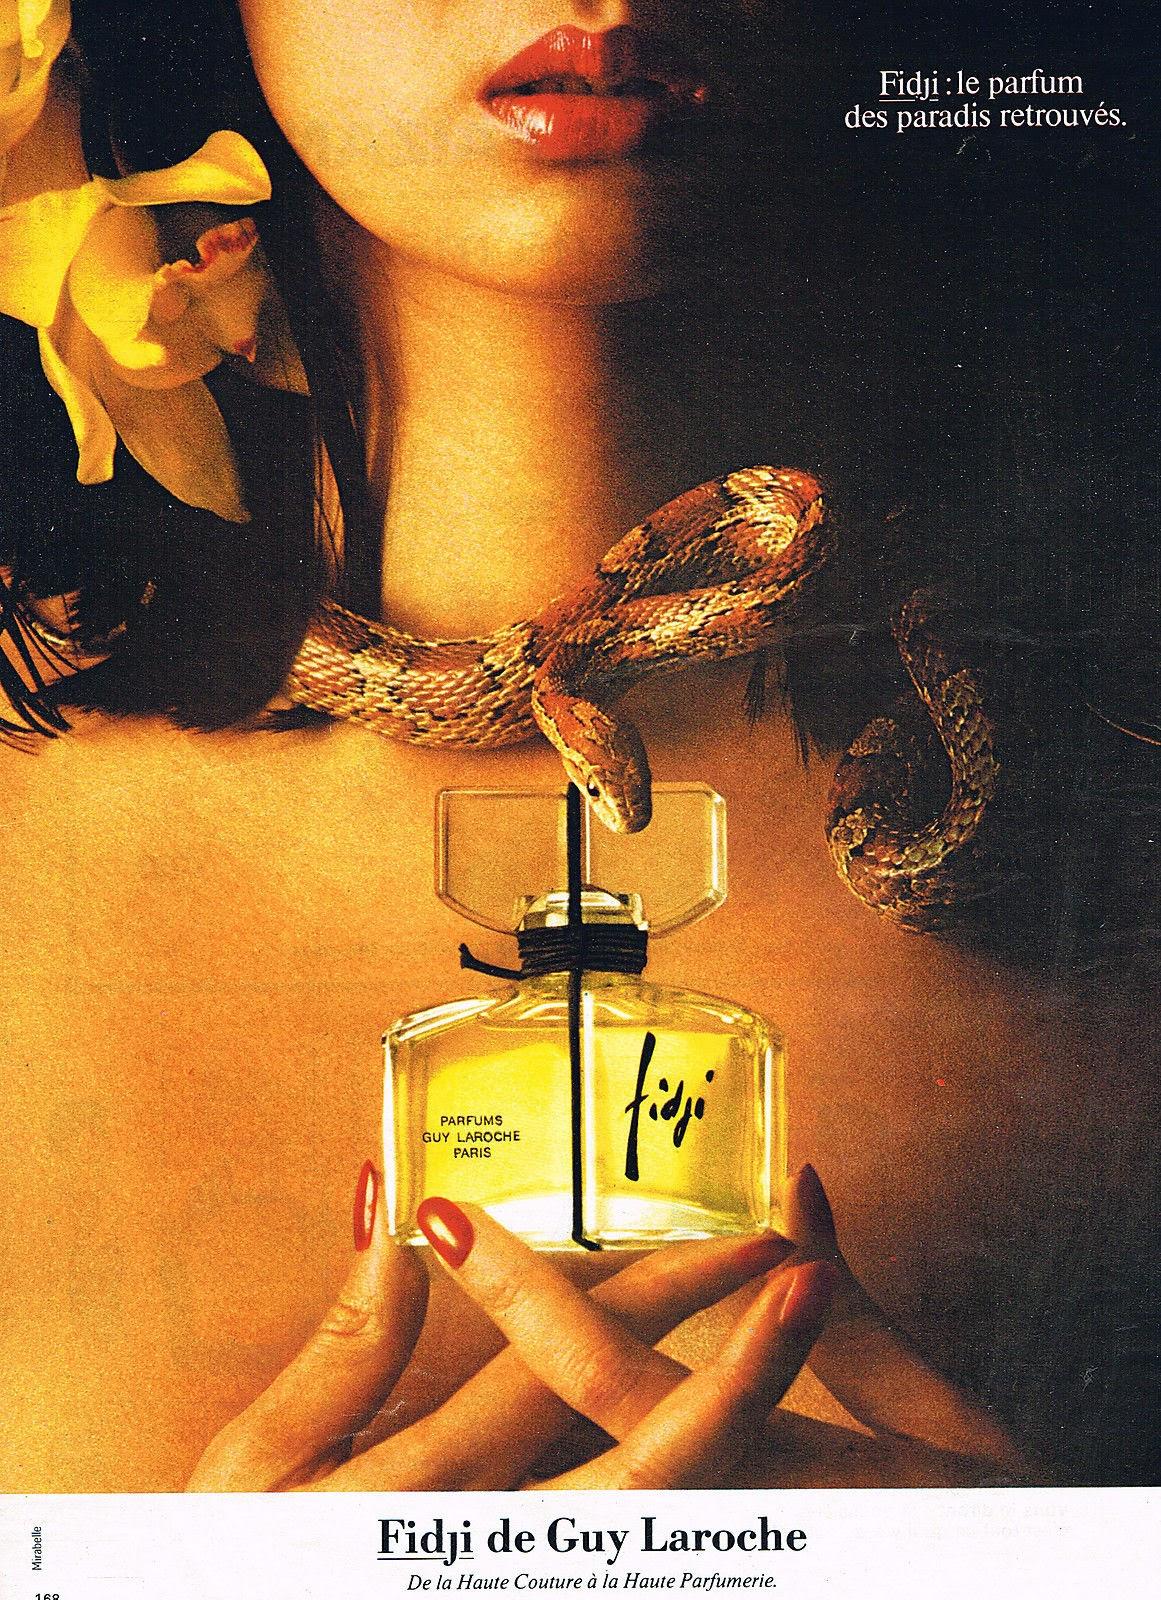 Fidgi Parfum Guy Laroche Parfum ein es Parfum für Frauen 1966